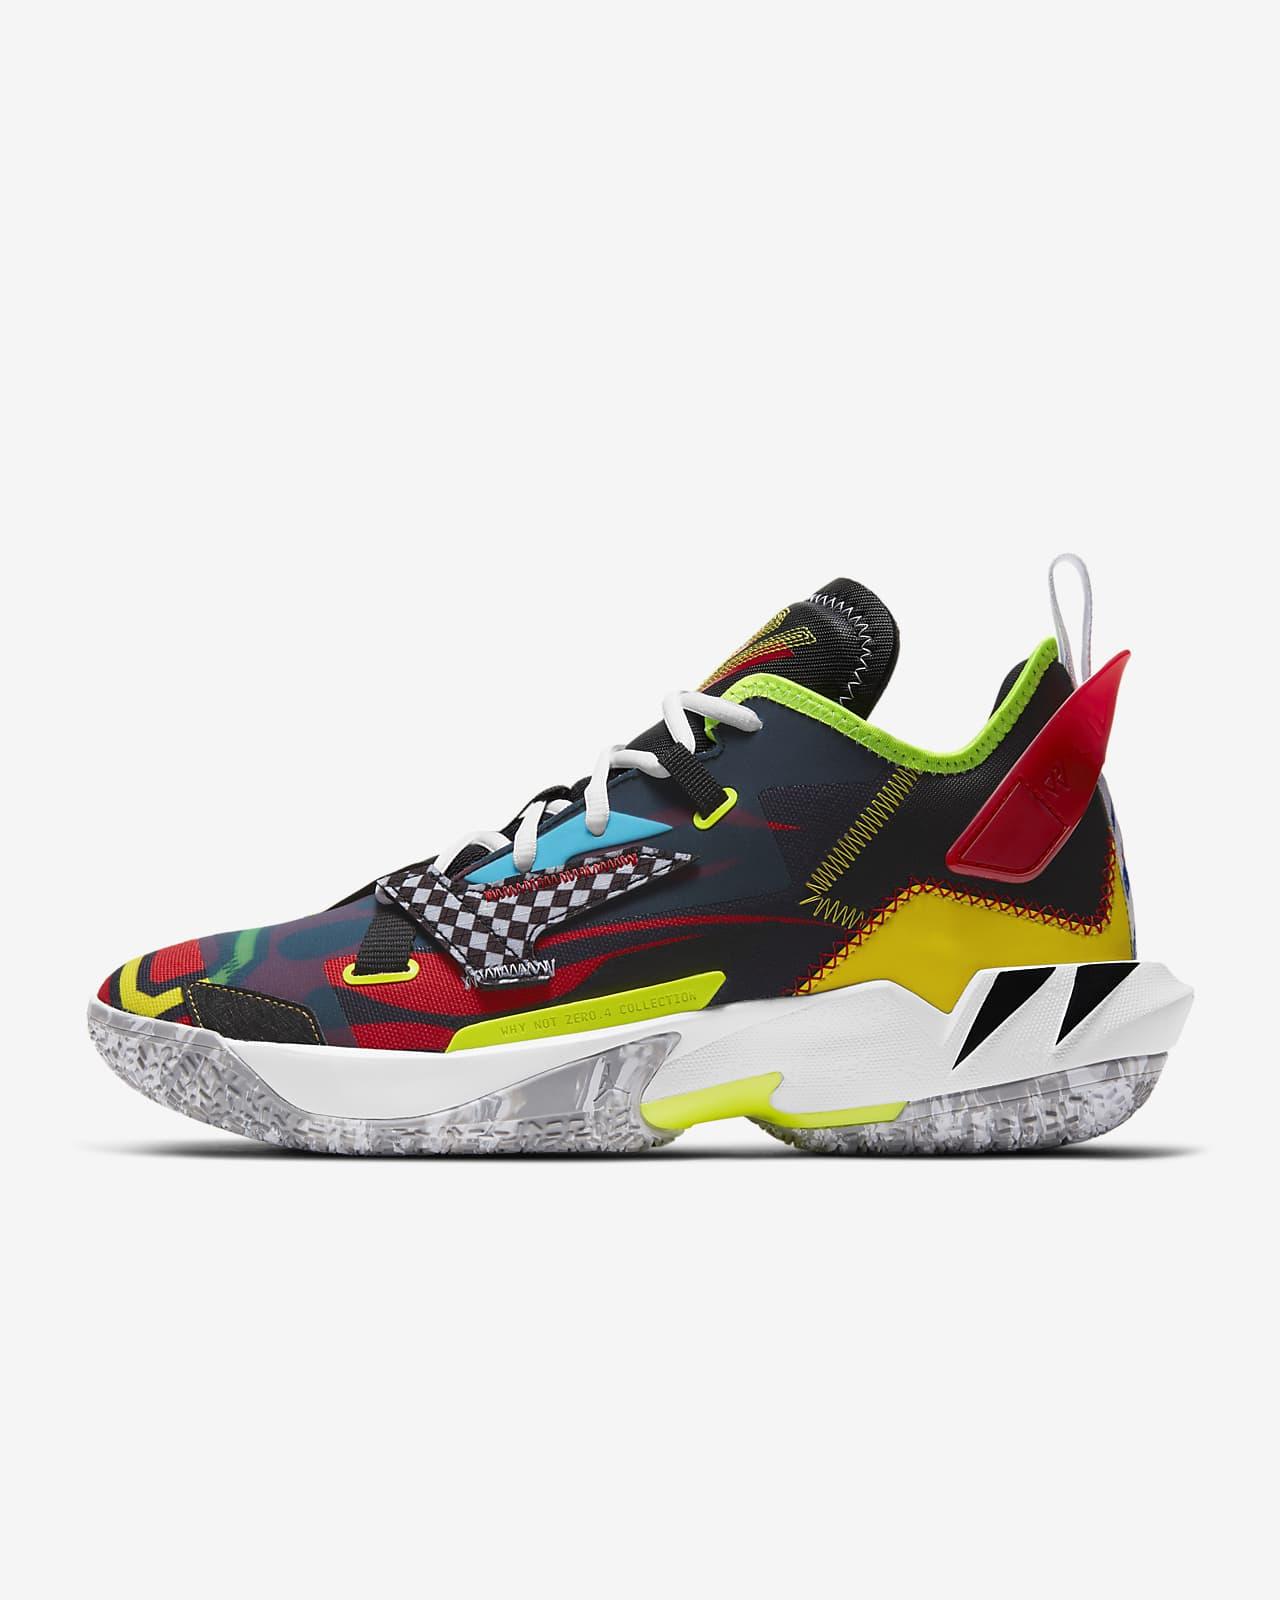 Jordan Why Not Zer0 4 Marathon